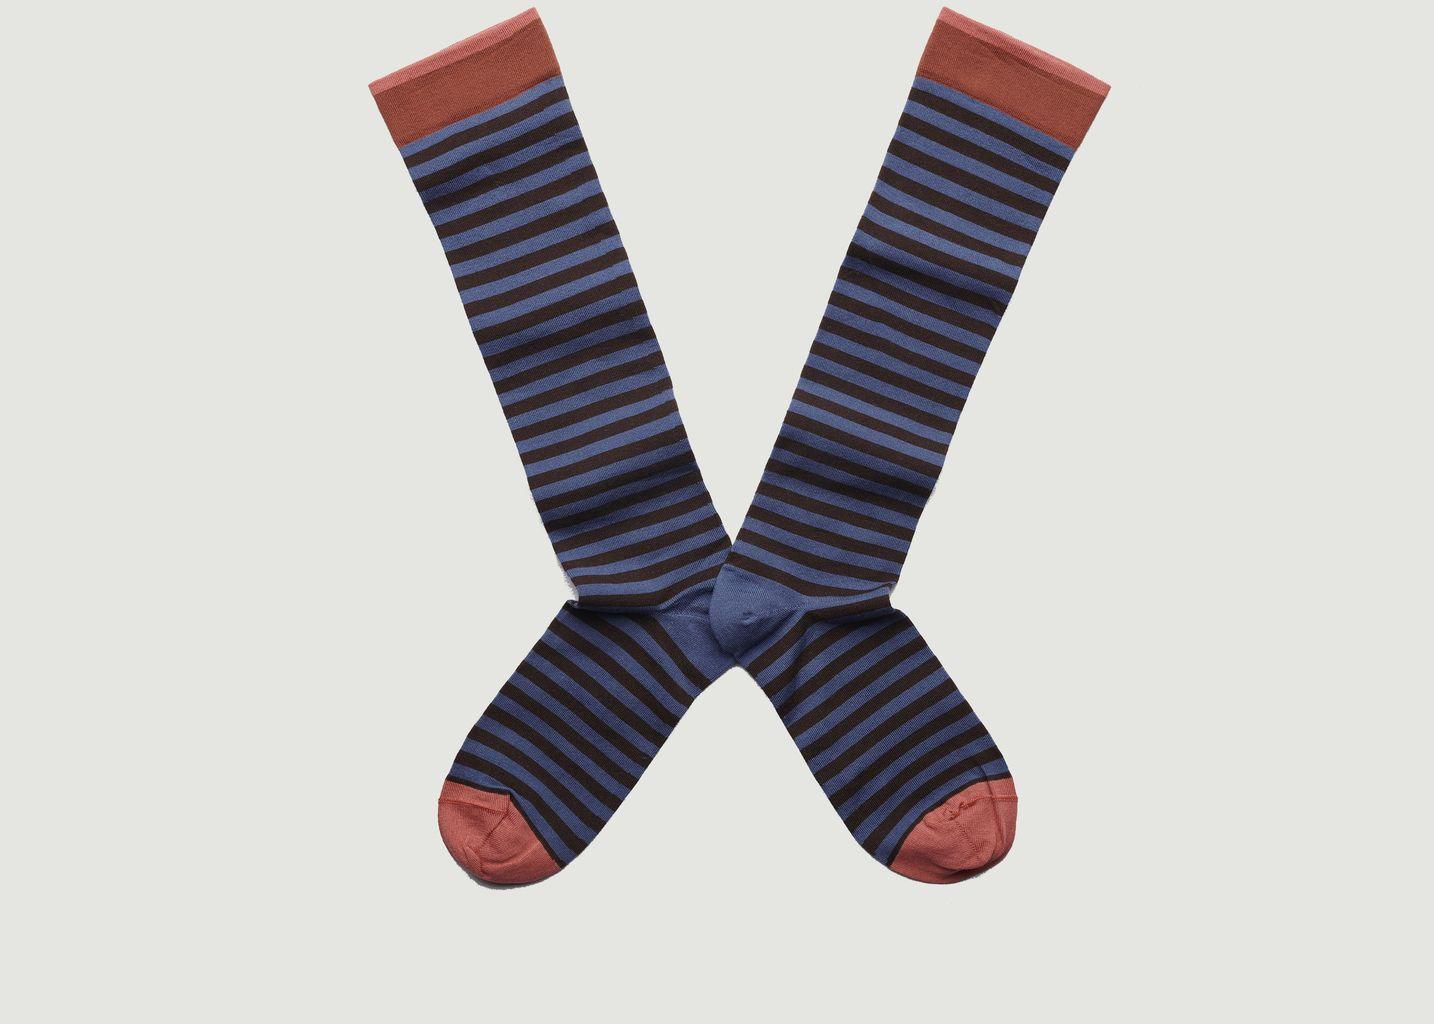 Chaussettes mi-bas à rayures et bords contrastés - Bonne Maison